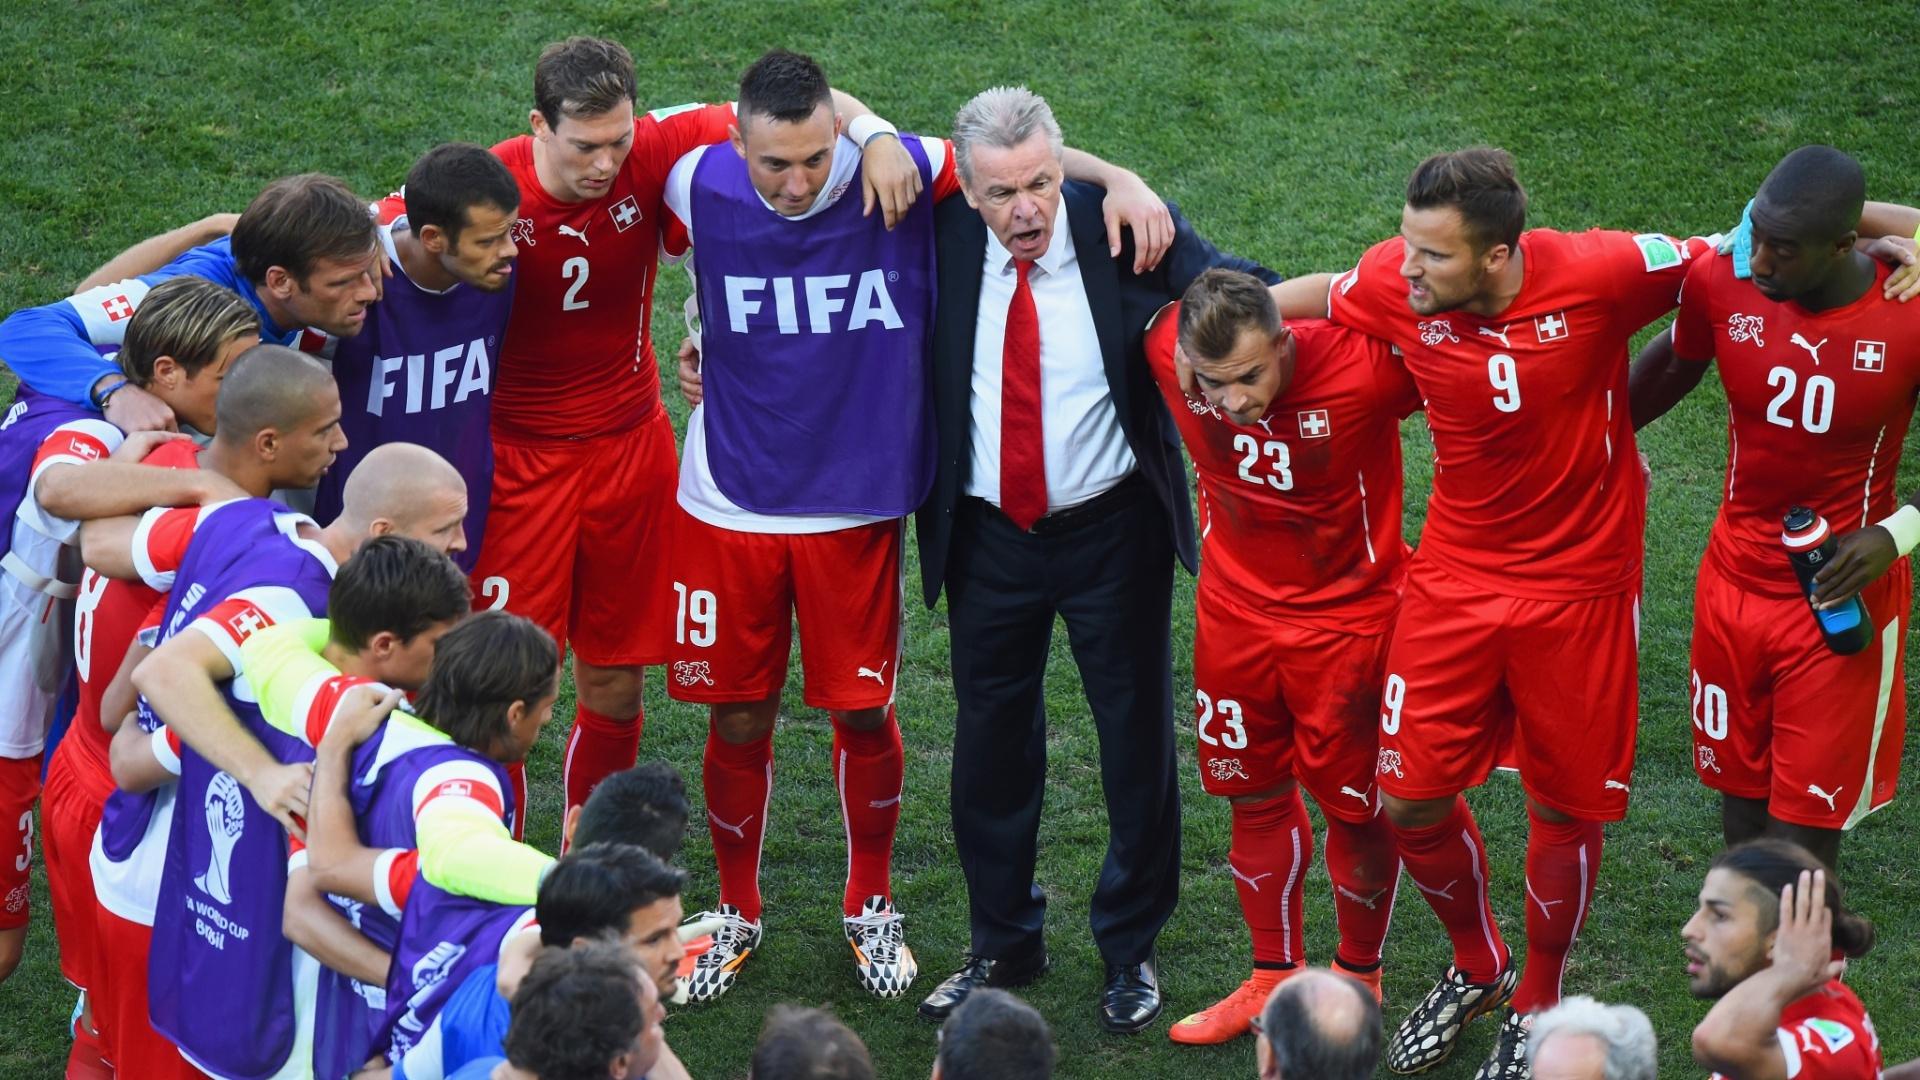 01.jul.2014 - Seleção suíça se reúne antes do início da prorrogação contra a Argentina, no Itaquerão